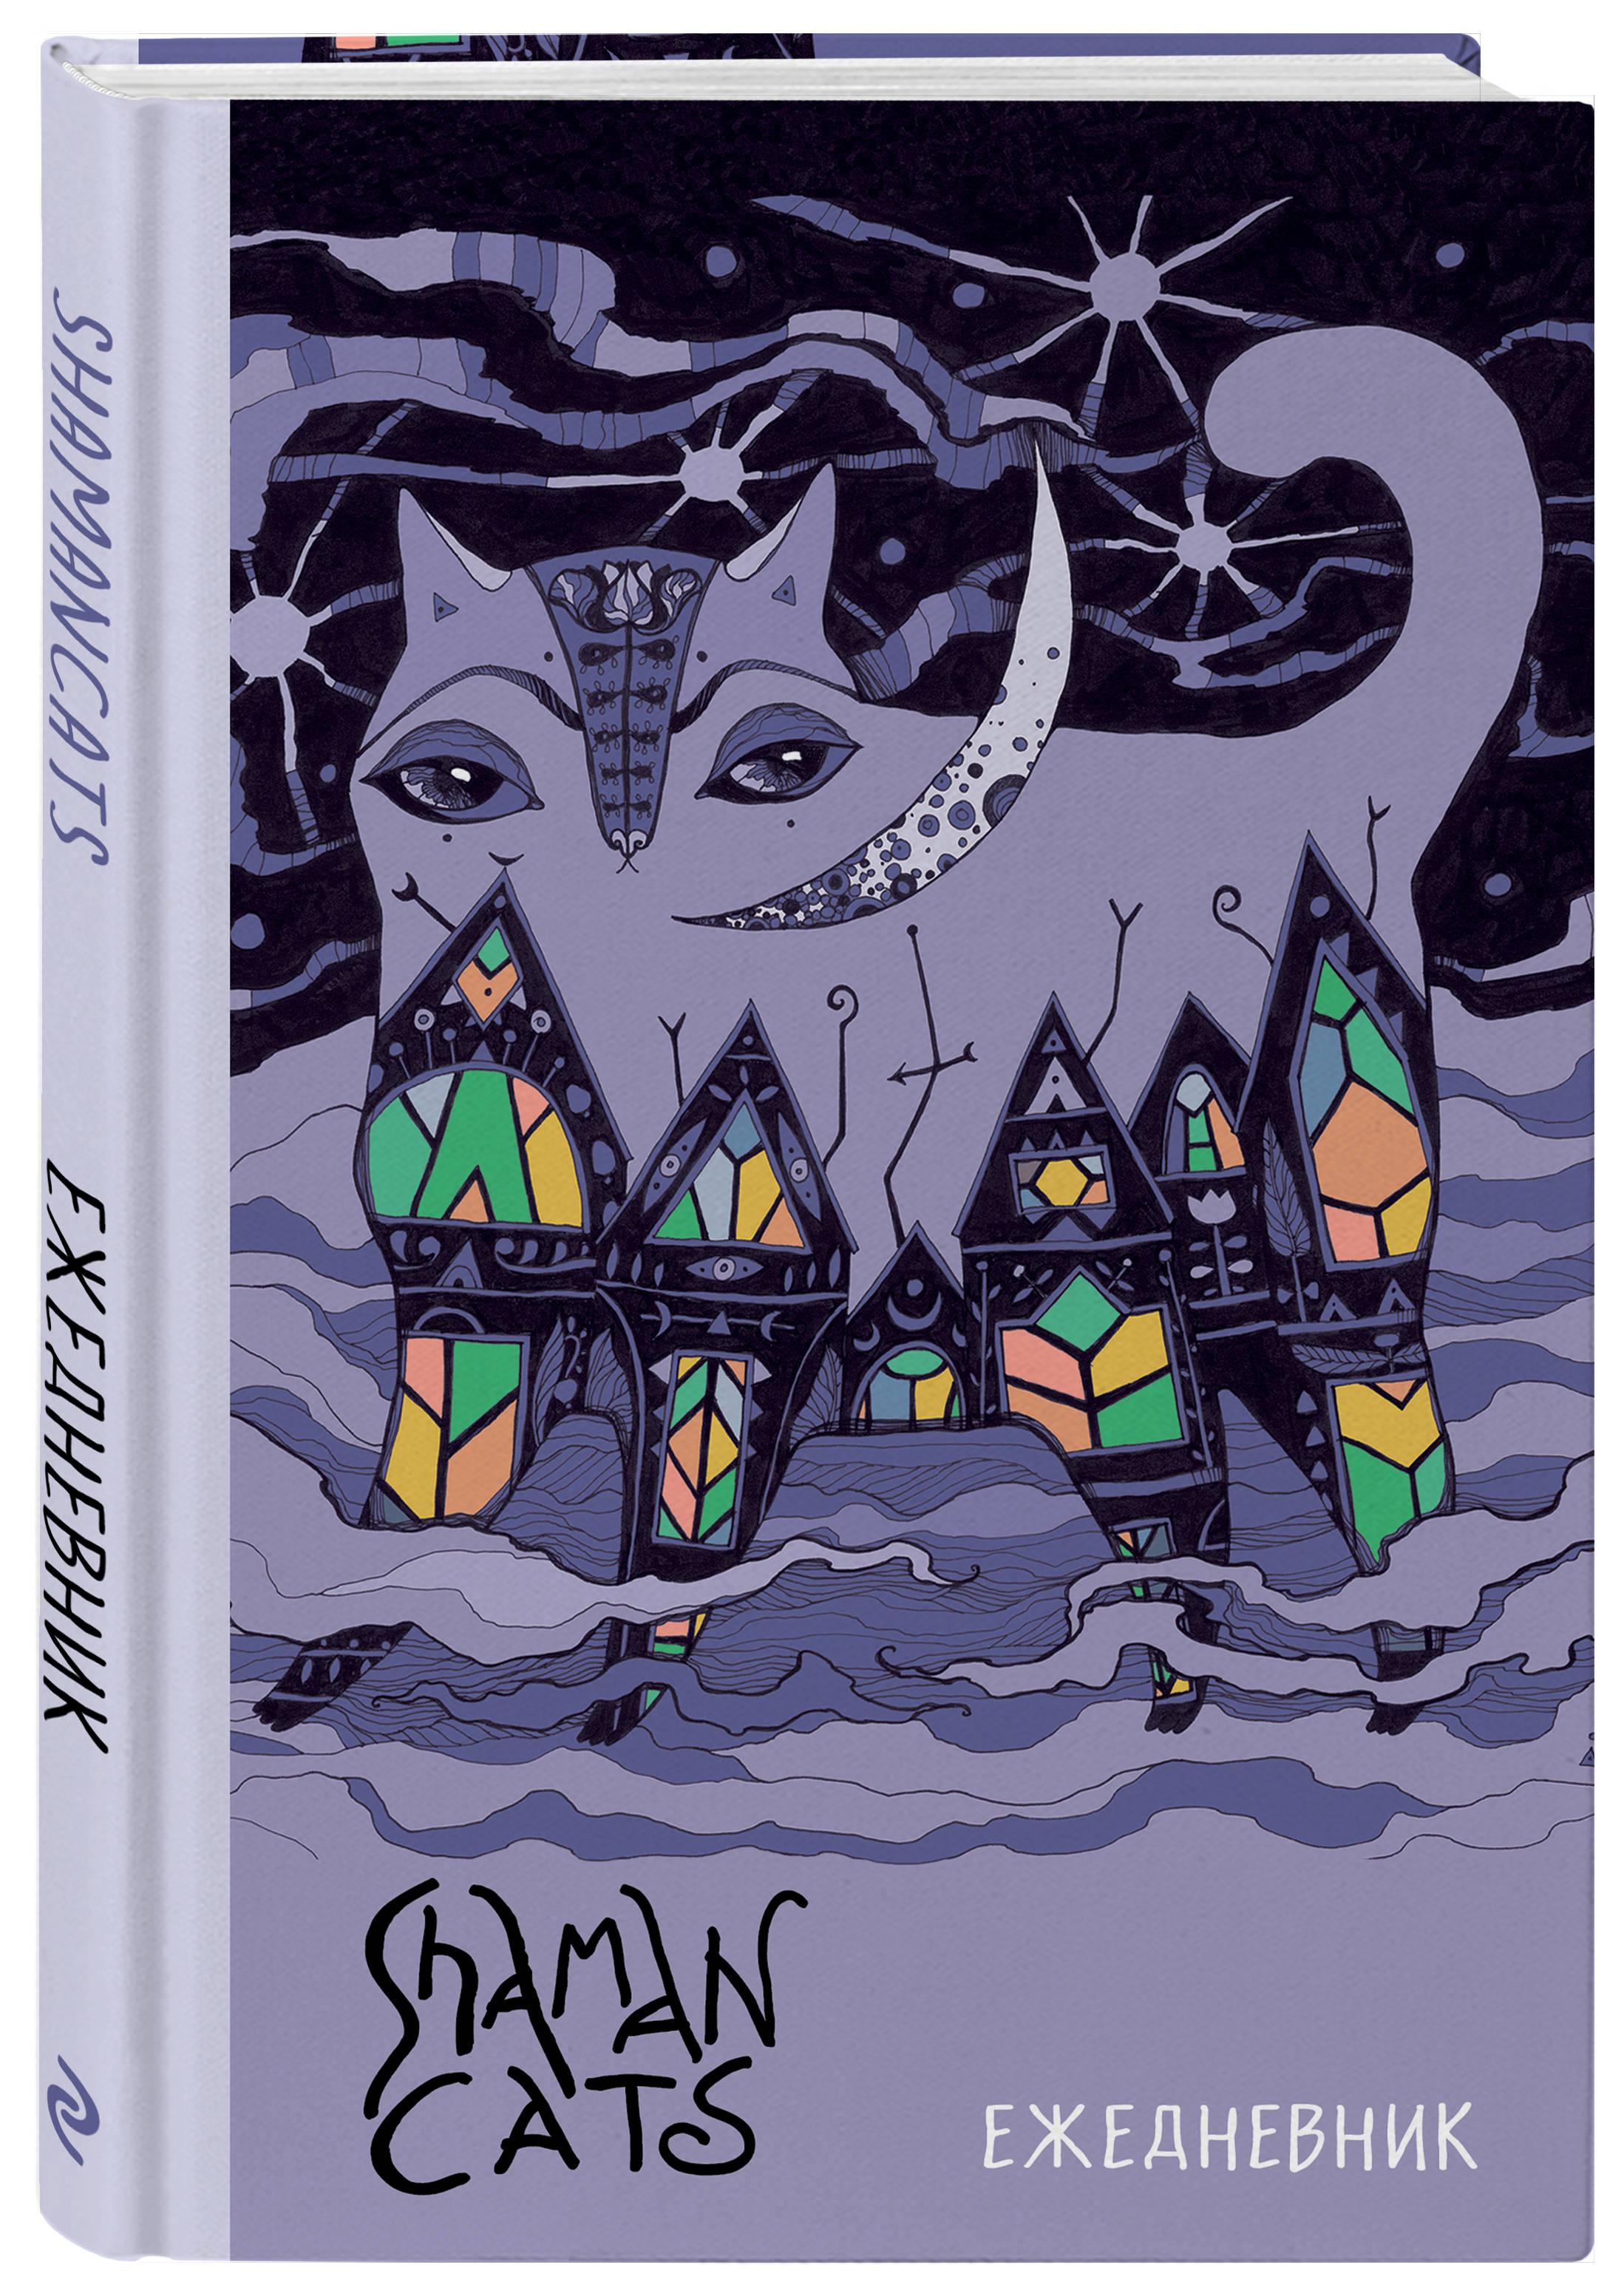 Ежедневник Shamancats. Ночной кот. А5, твердый переплет, 224 стр. ( Норд Ю.Н.  )